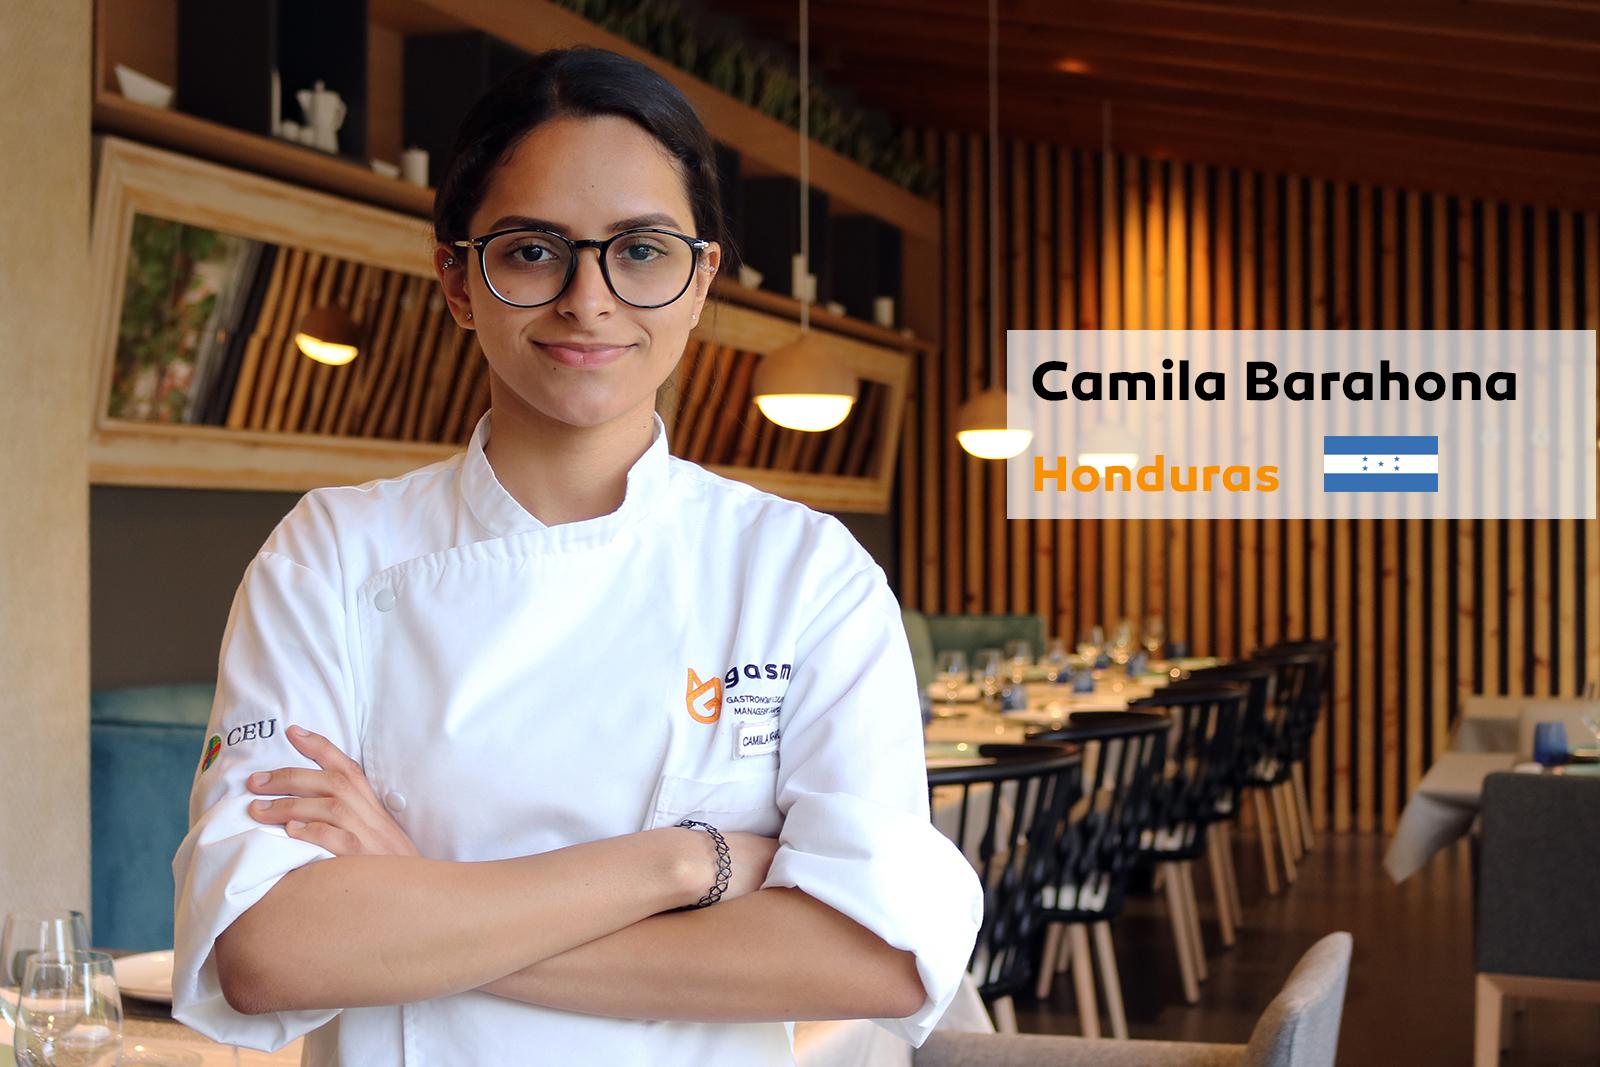 Camila Barahona